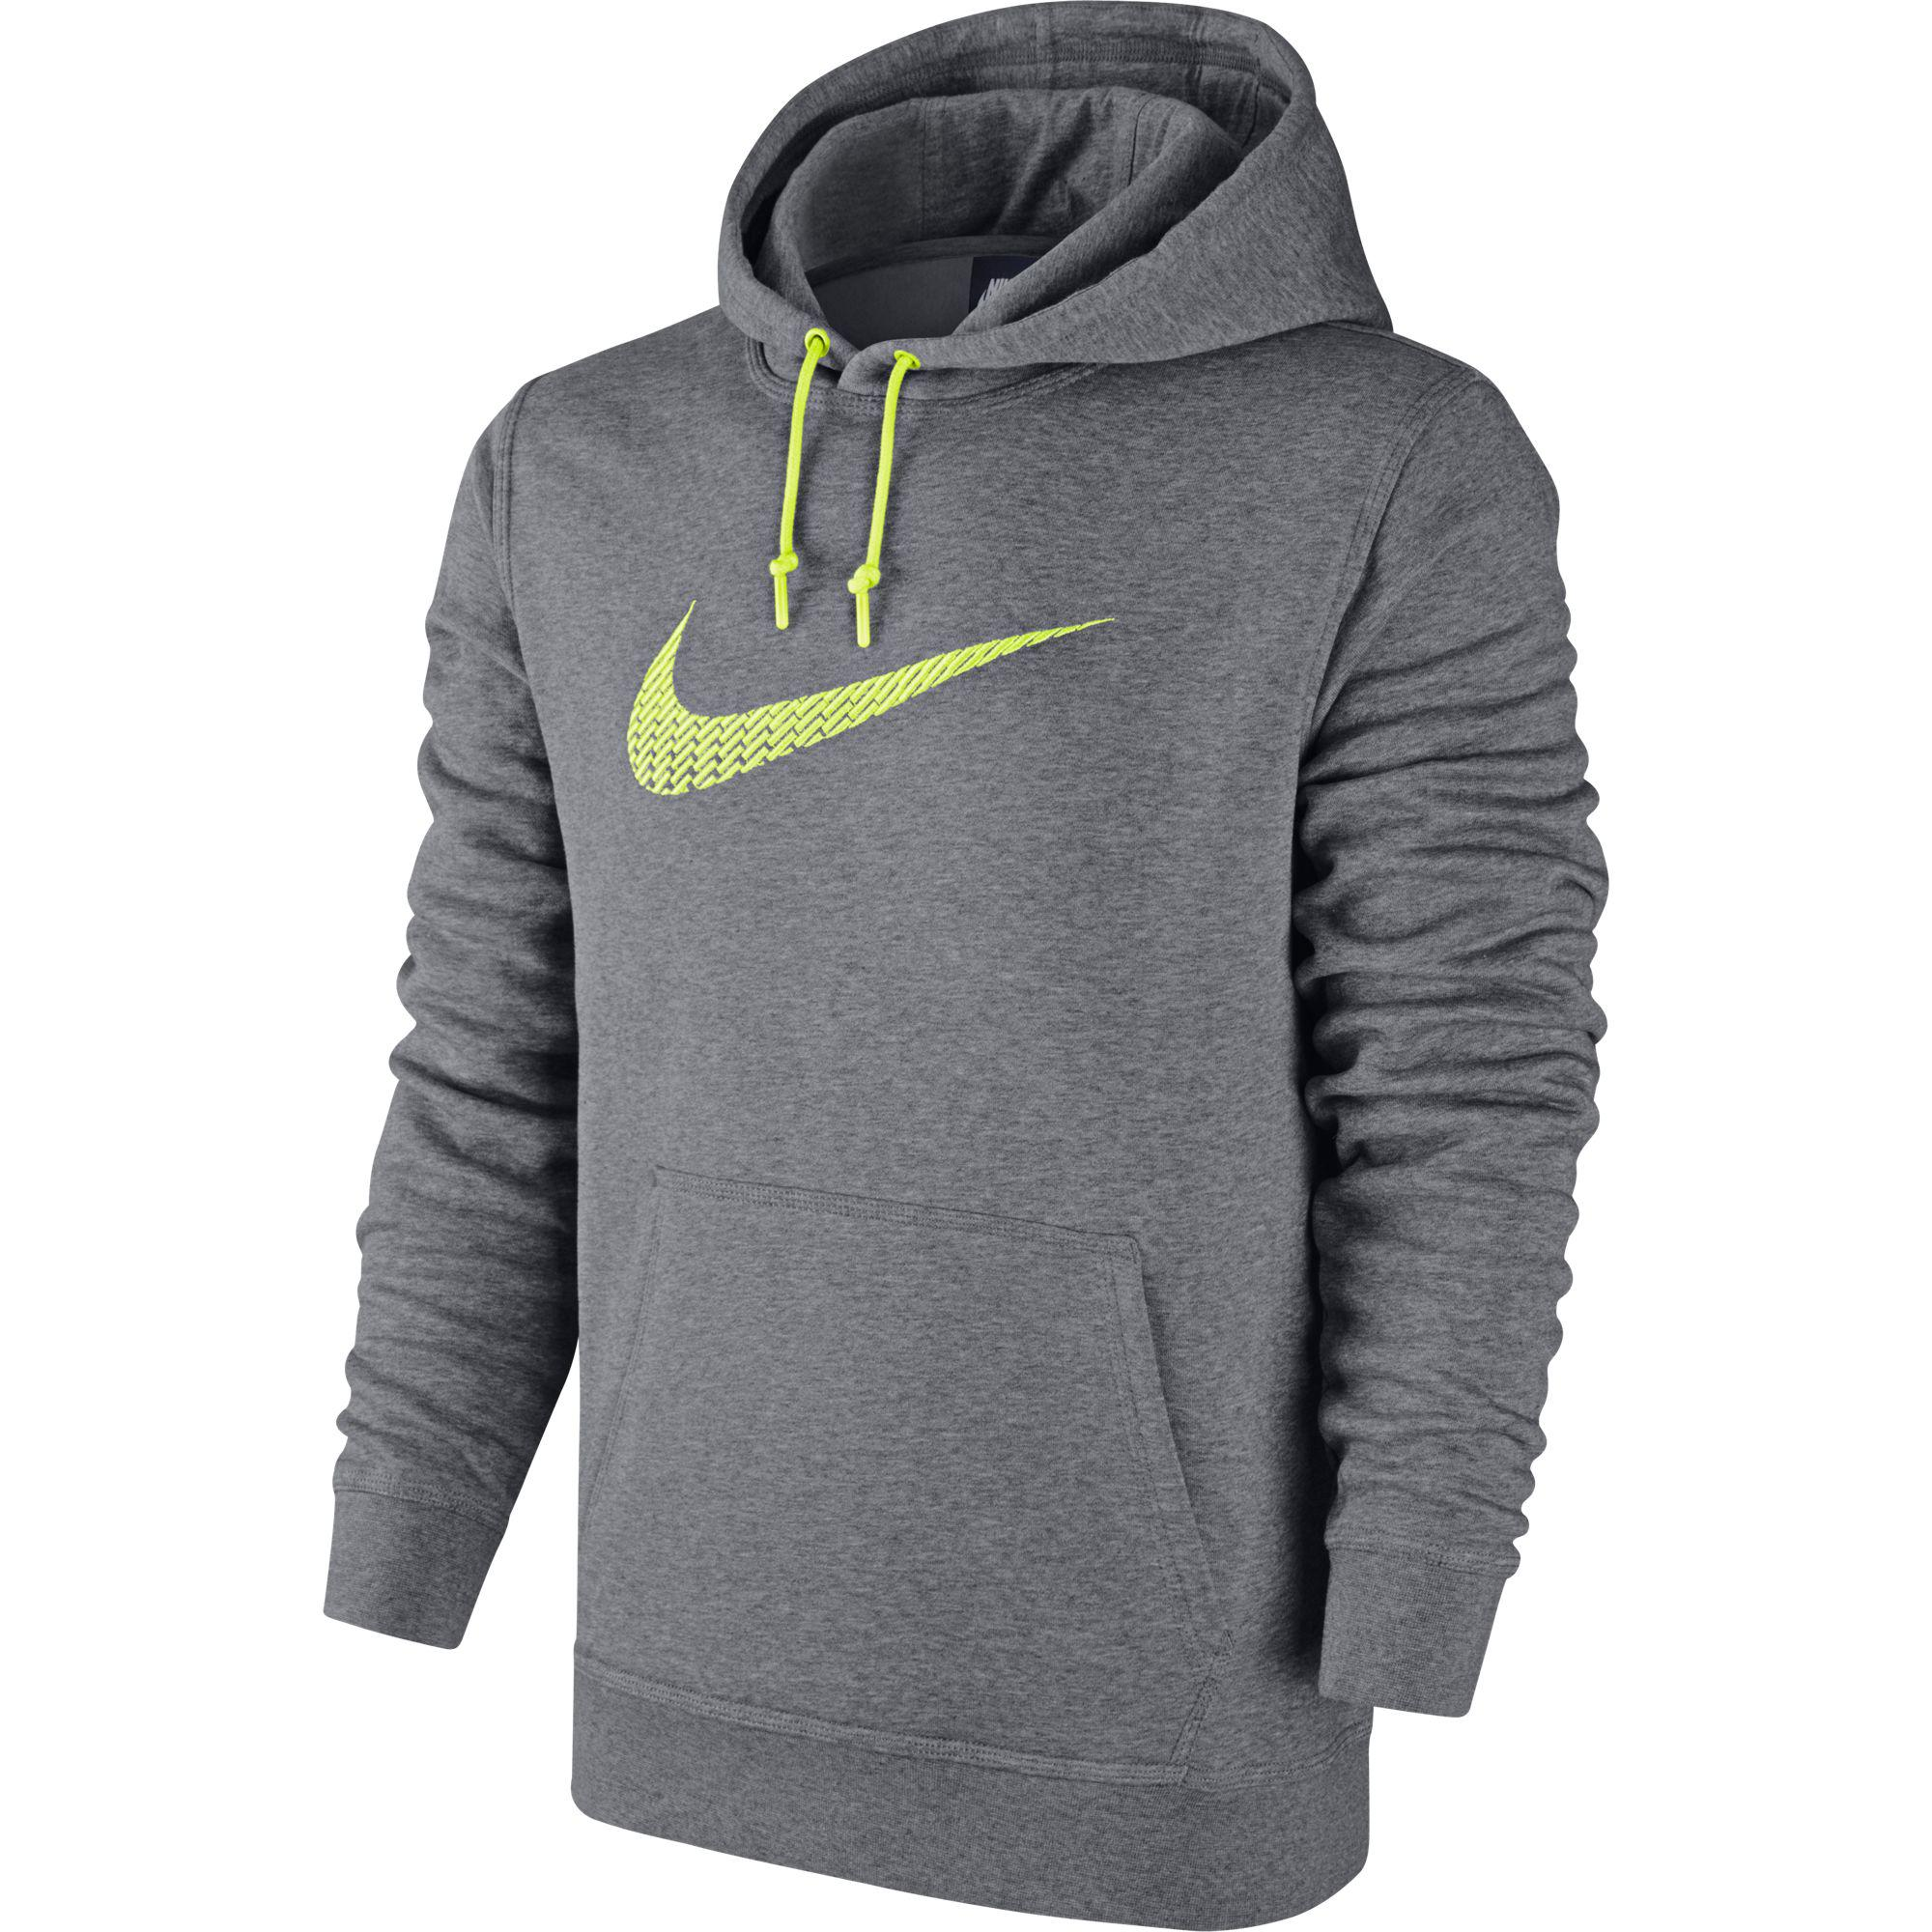 Nike Mens Club Swoosh+ Fleece Hoodie - Carbon Heather